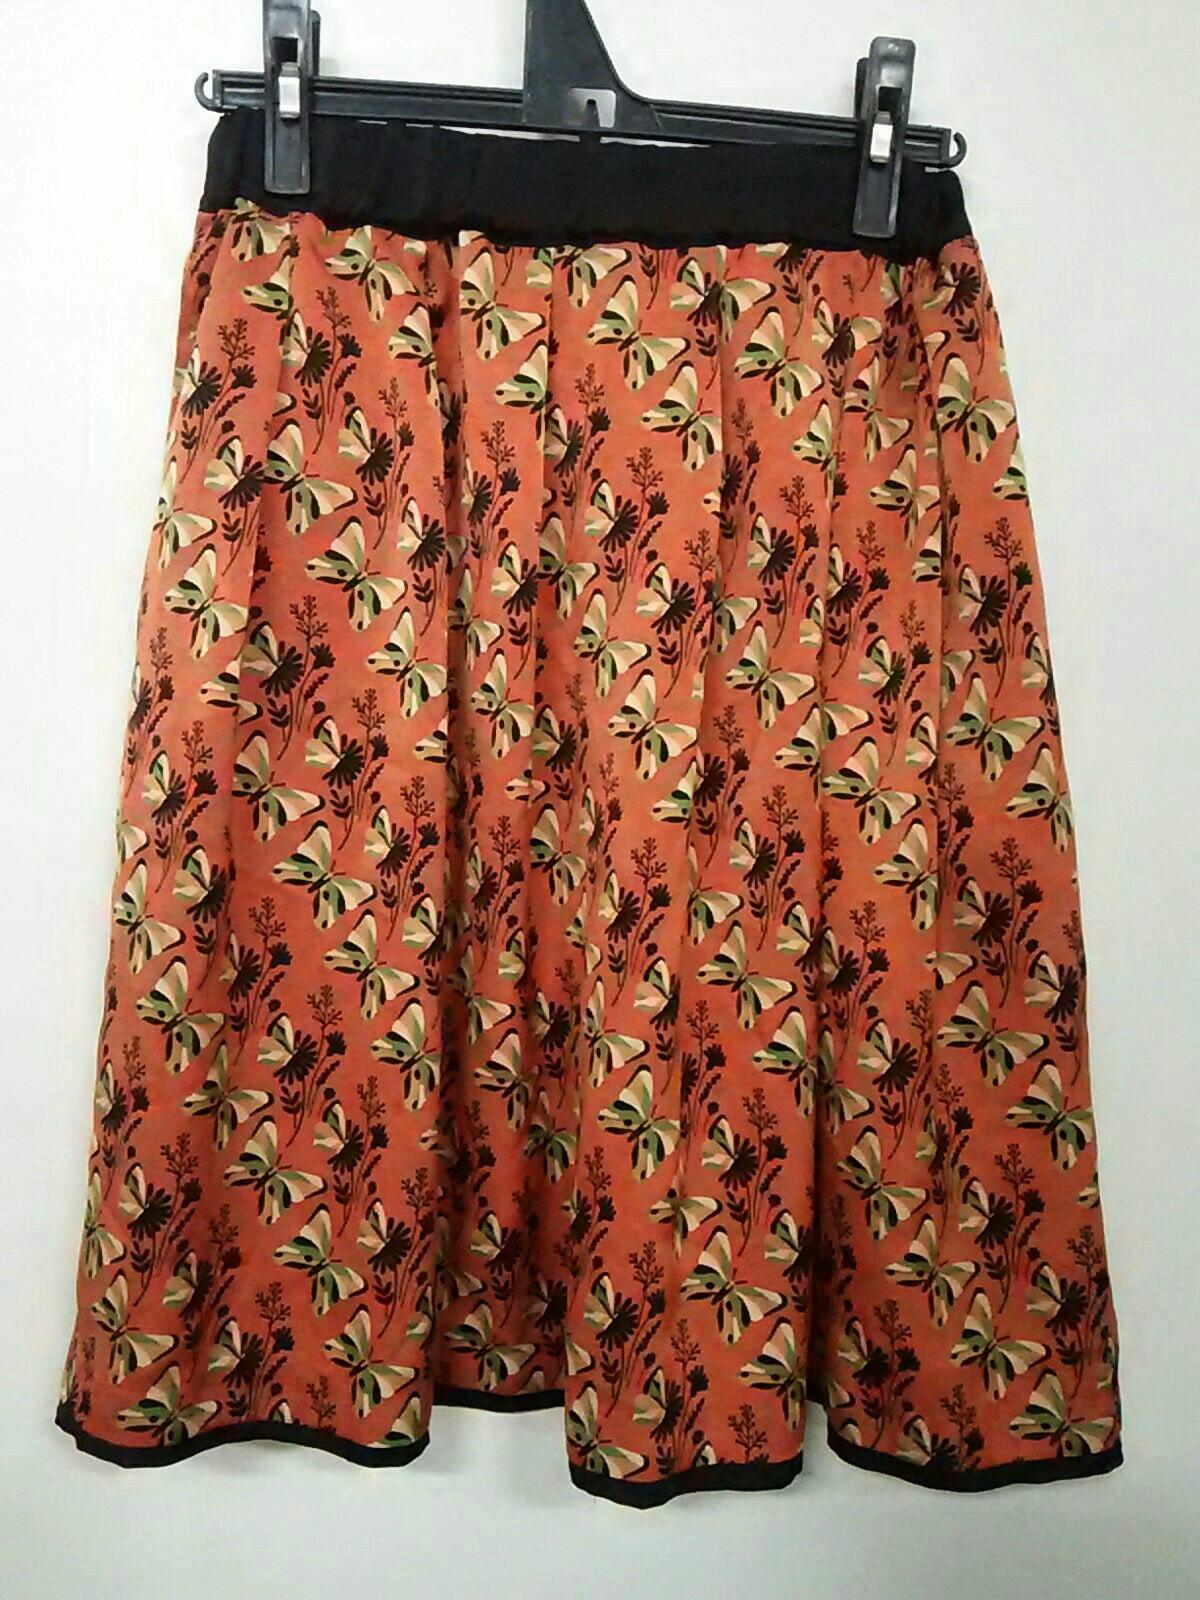 UnCadeau(アンカドゥ)のスカート